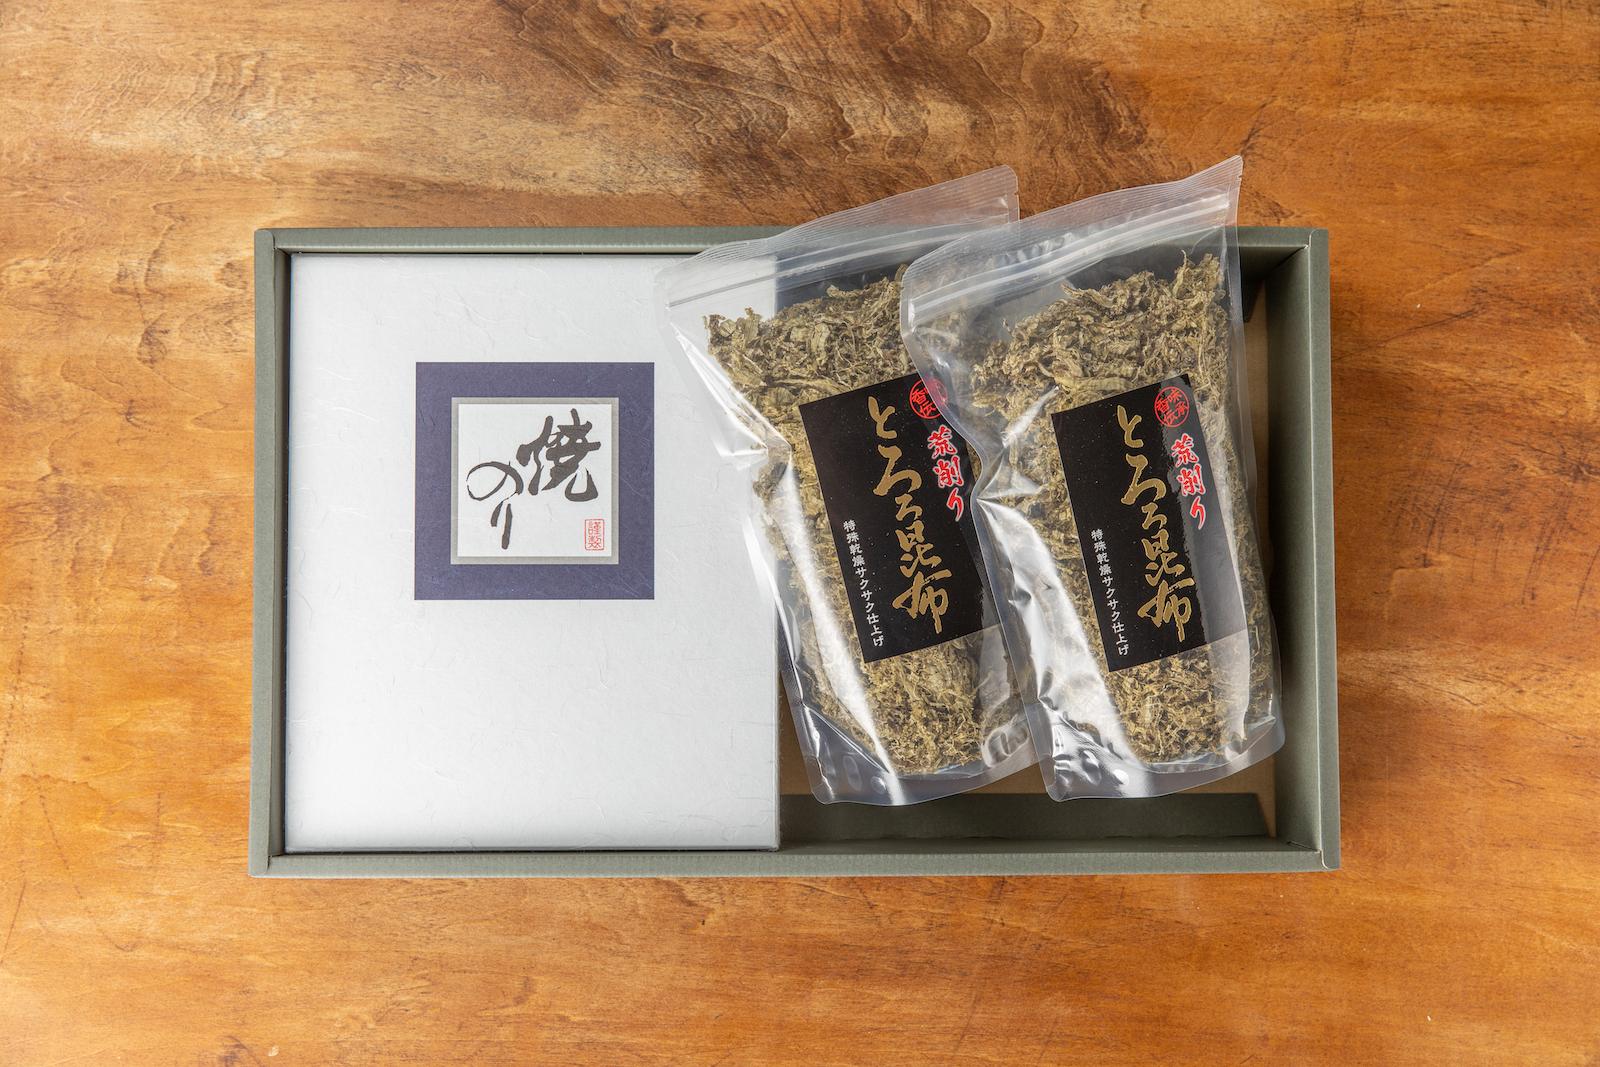 海藻の料理名人小野徳かぁちゃんがオススメする 風味最高!売上 No.1黄金コンビのギフトセット誕生!